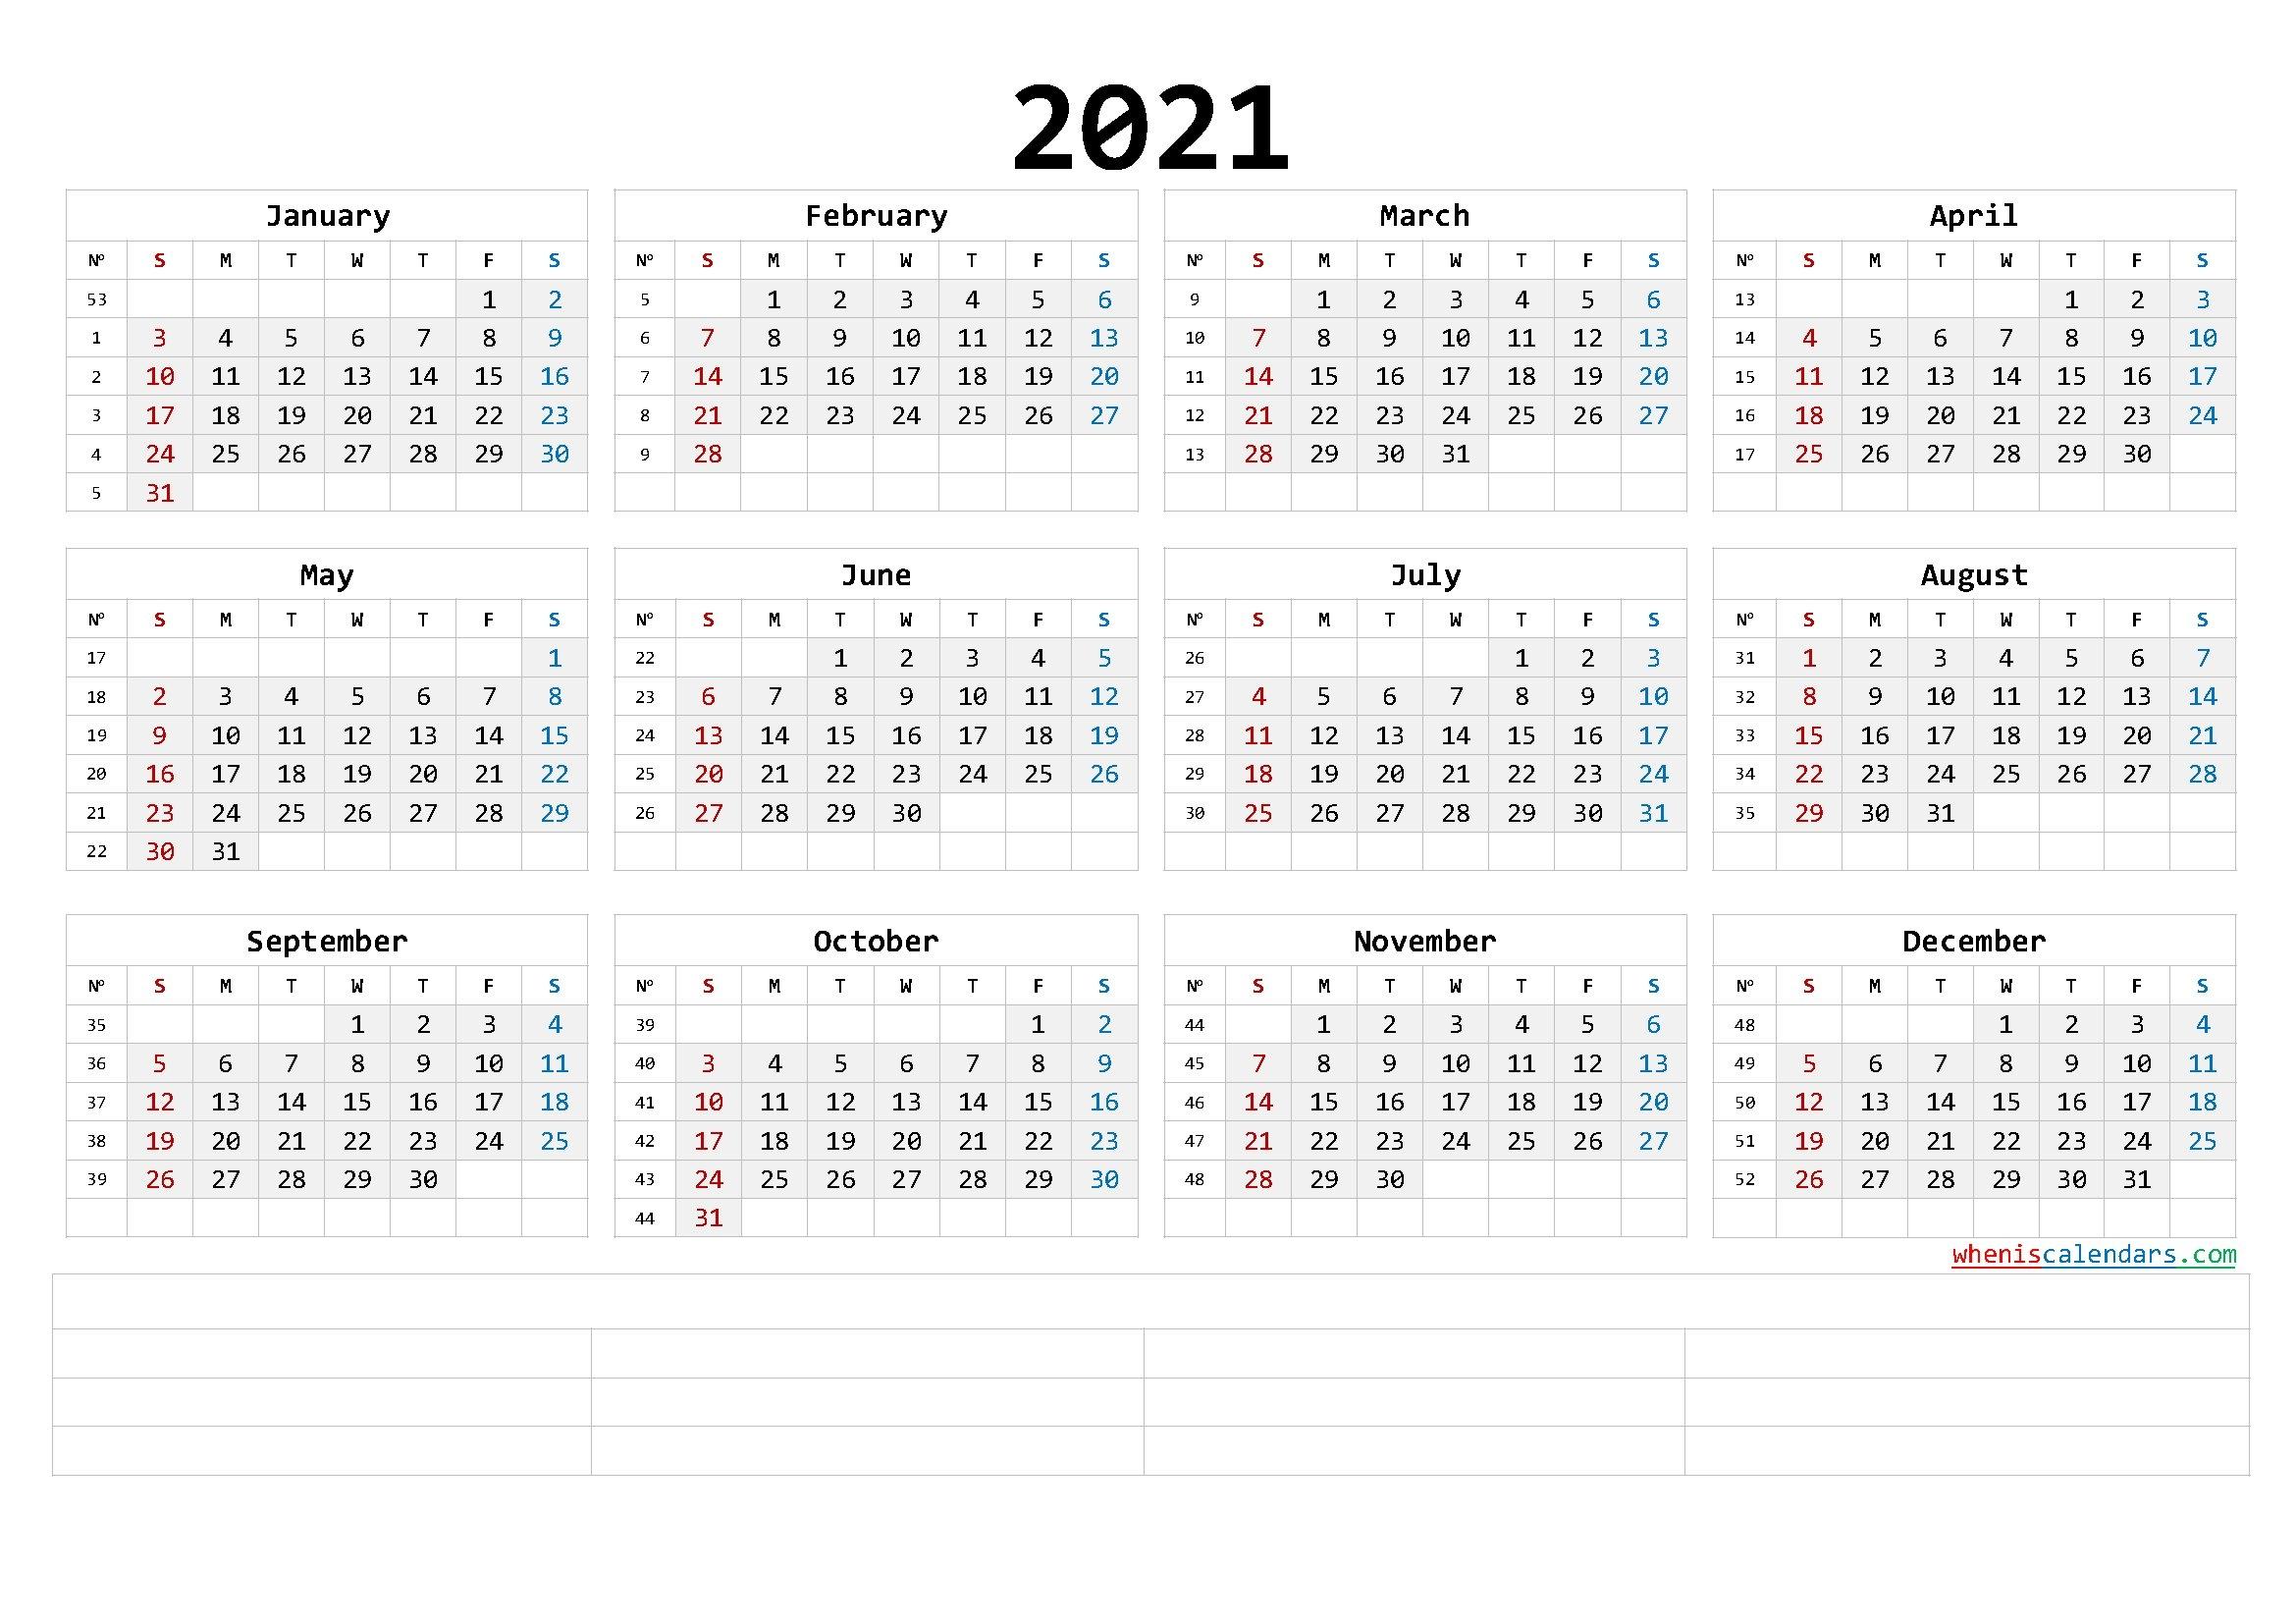 Printable 2021 Calendar Templates Calendraex Com pertaining to Free Photo 2021 Calendar To Download Graphics